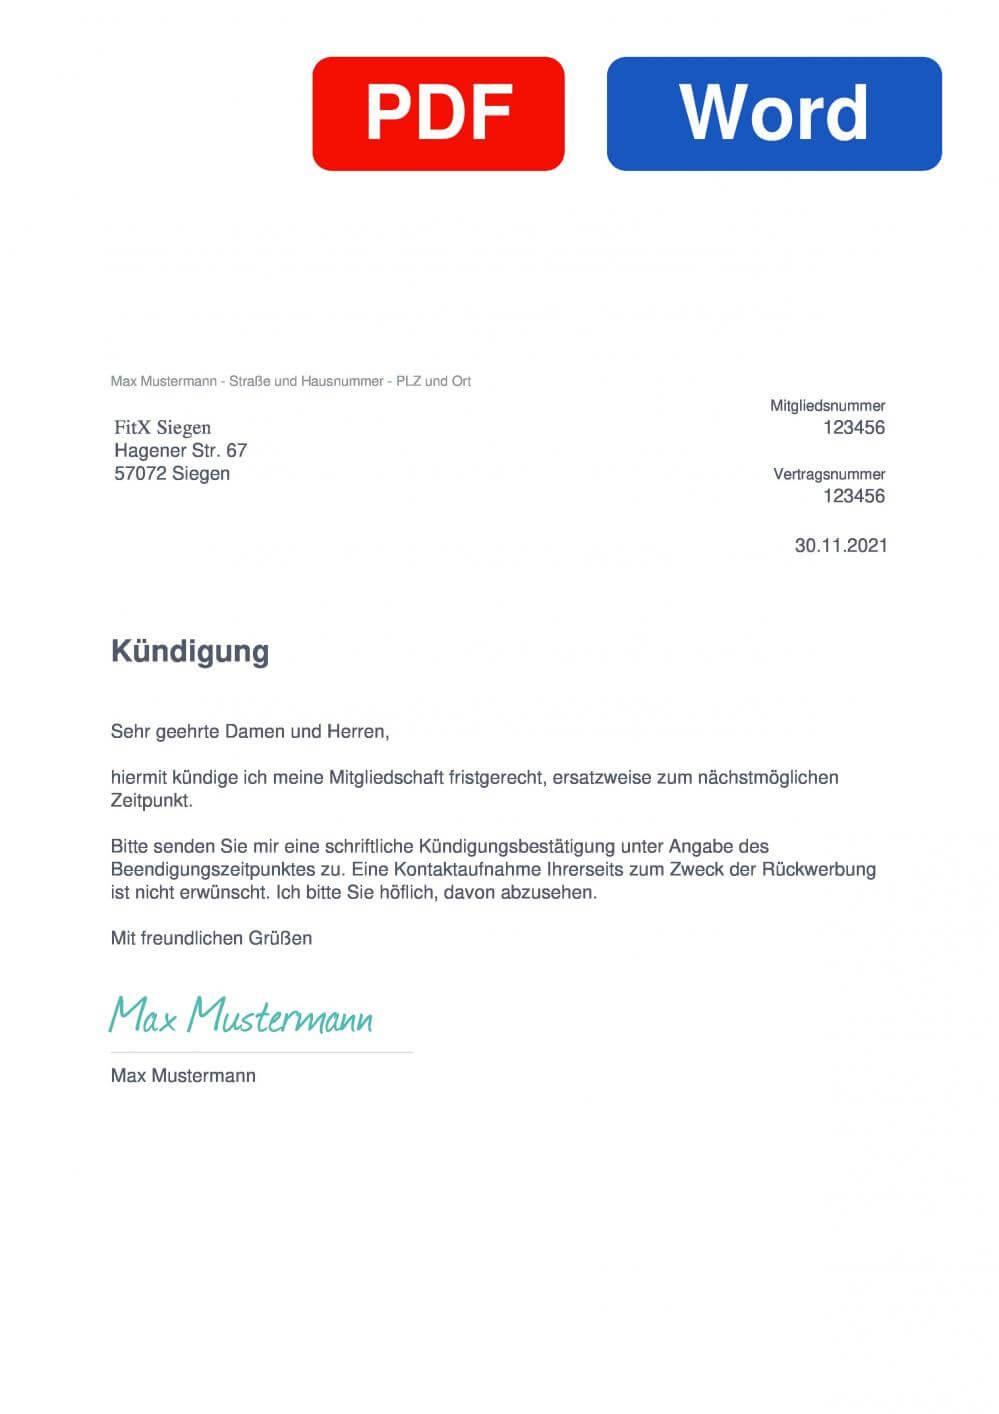 FitX Siegen Muster Vorlage für Kündigungsschreiben